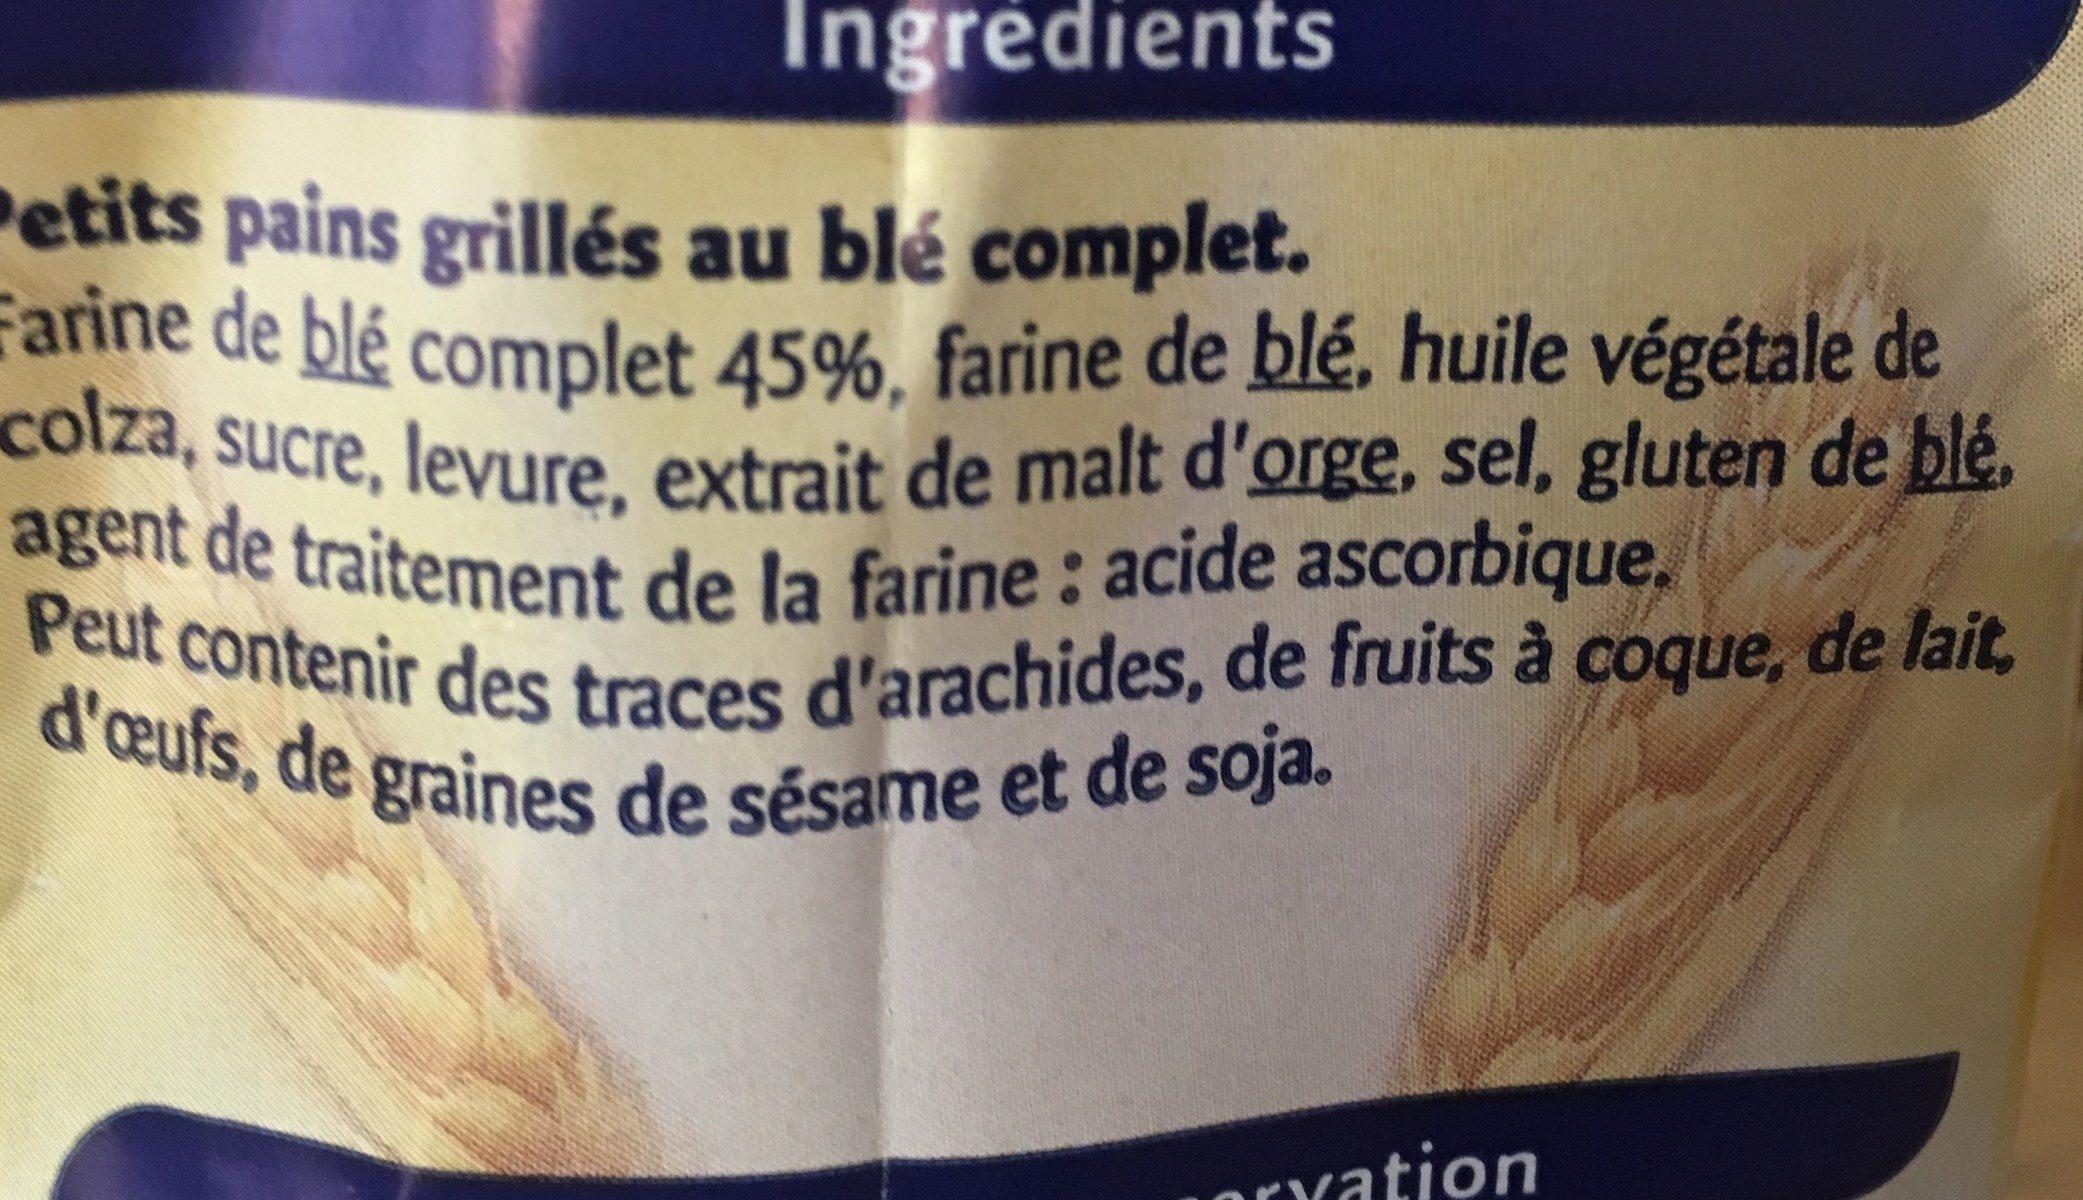 Petits pains grilles au blé complet - Ingrédients - fr